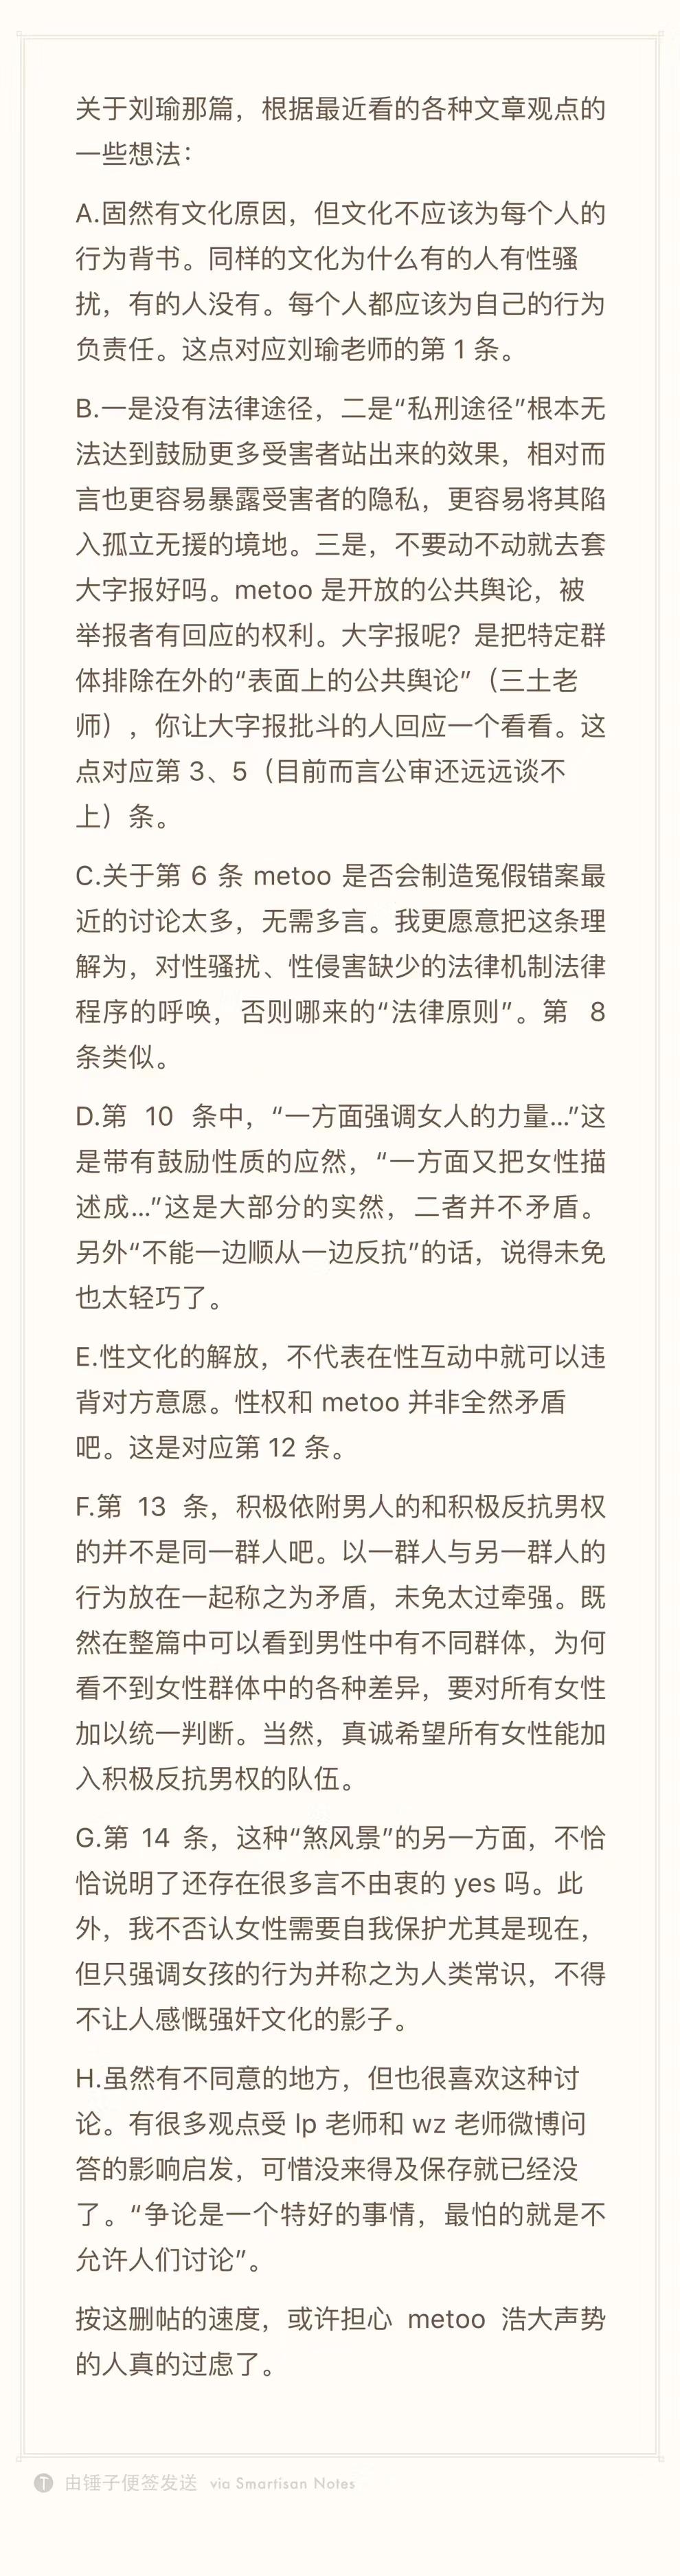 【众声喧哗】关于metoo,你同意刘瑜的观点吗?